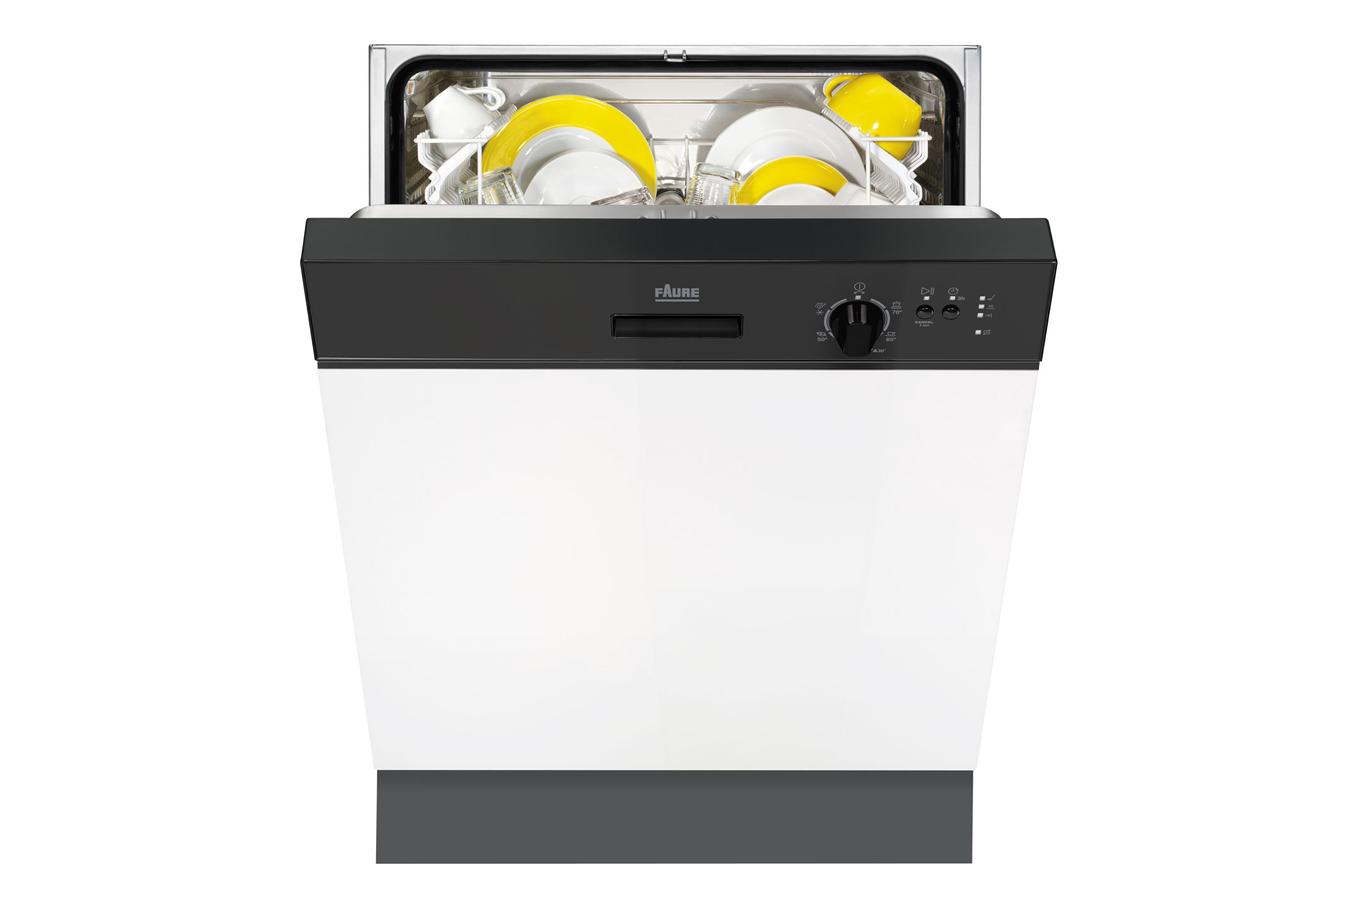 Lave vaisselle encastrable faure fdi13001na noir - Lave vaisselle noir brillant ...